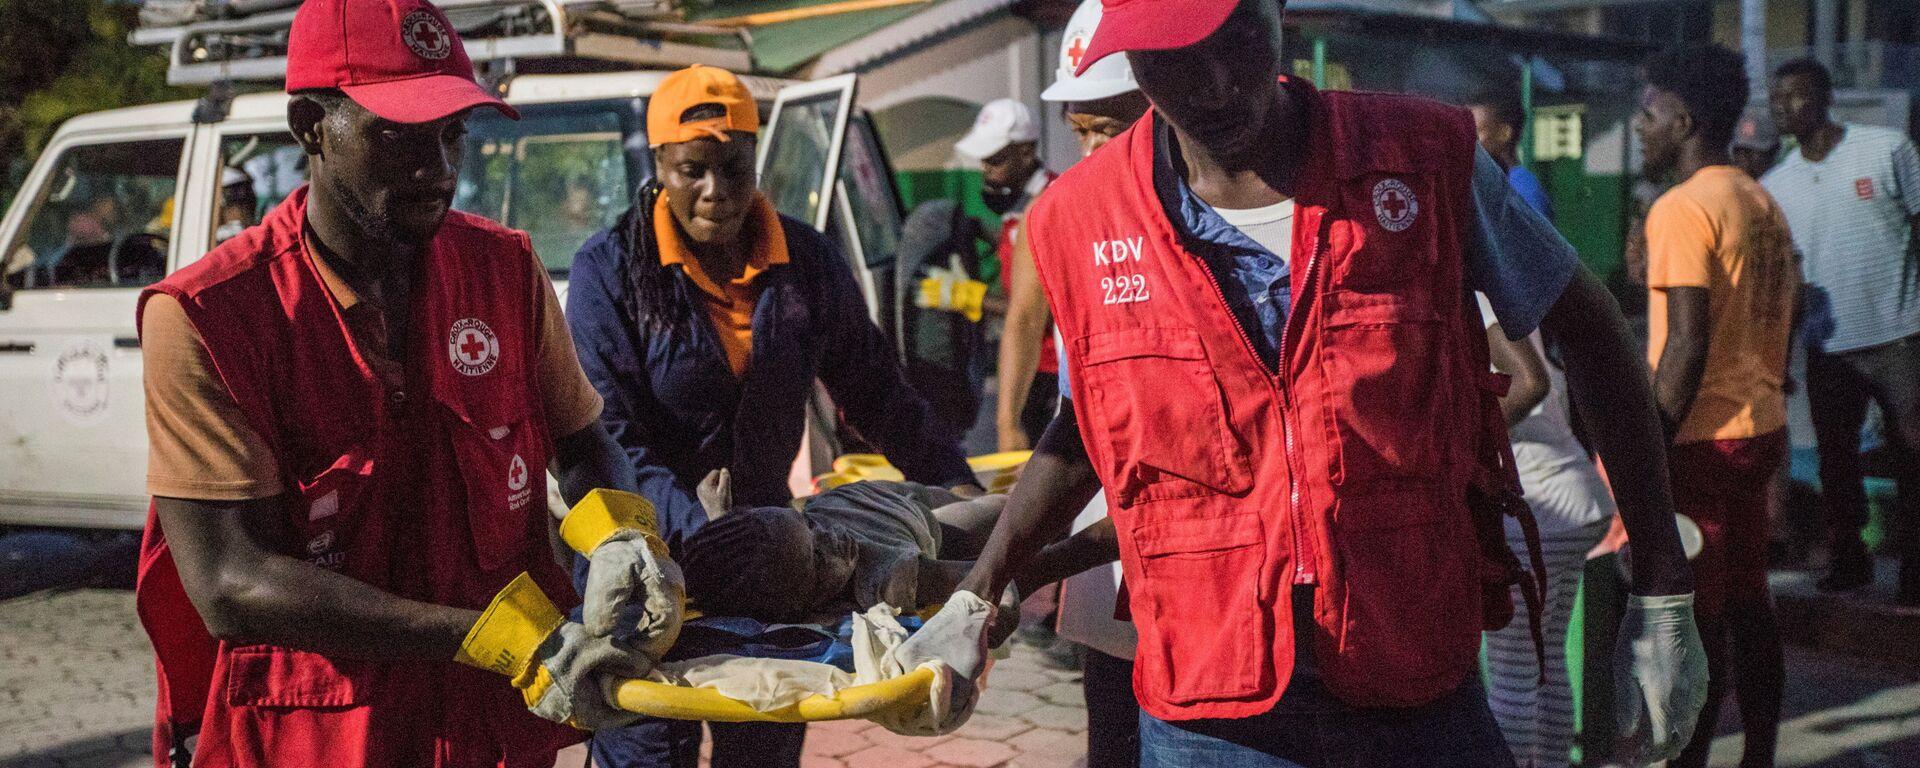 Спасатели с пострадавшей девочкой во время землетрясения на Гаити - Sputnik Italia, 1920, 16.08.2021